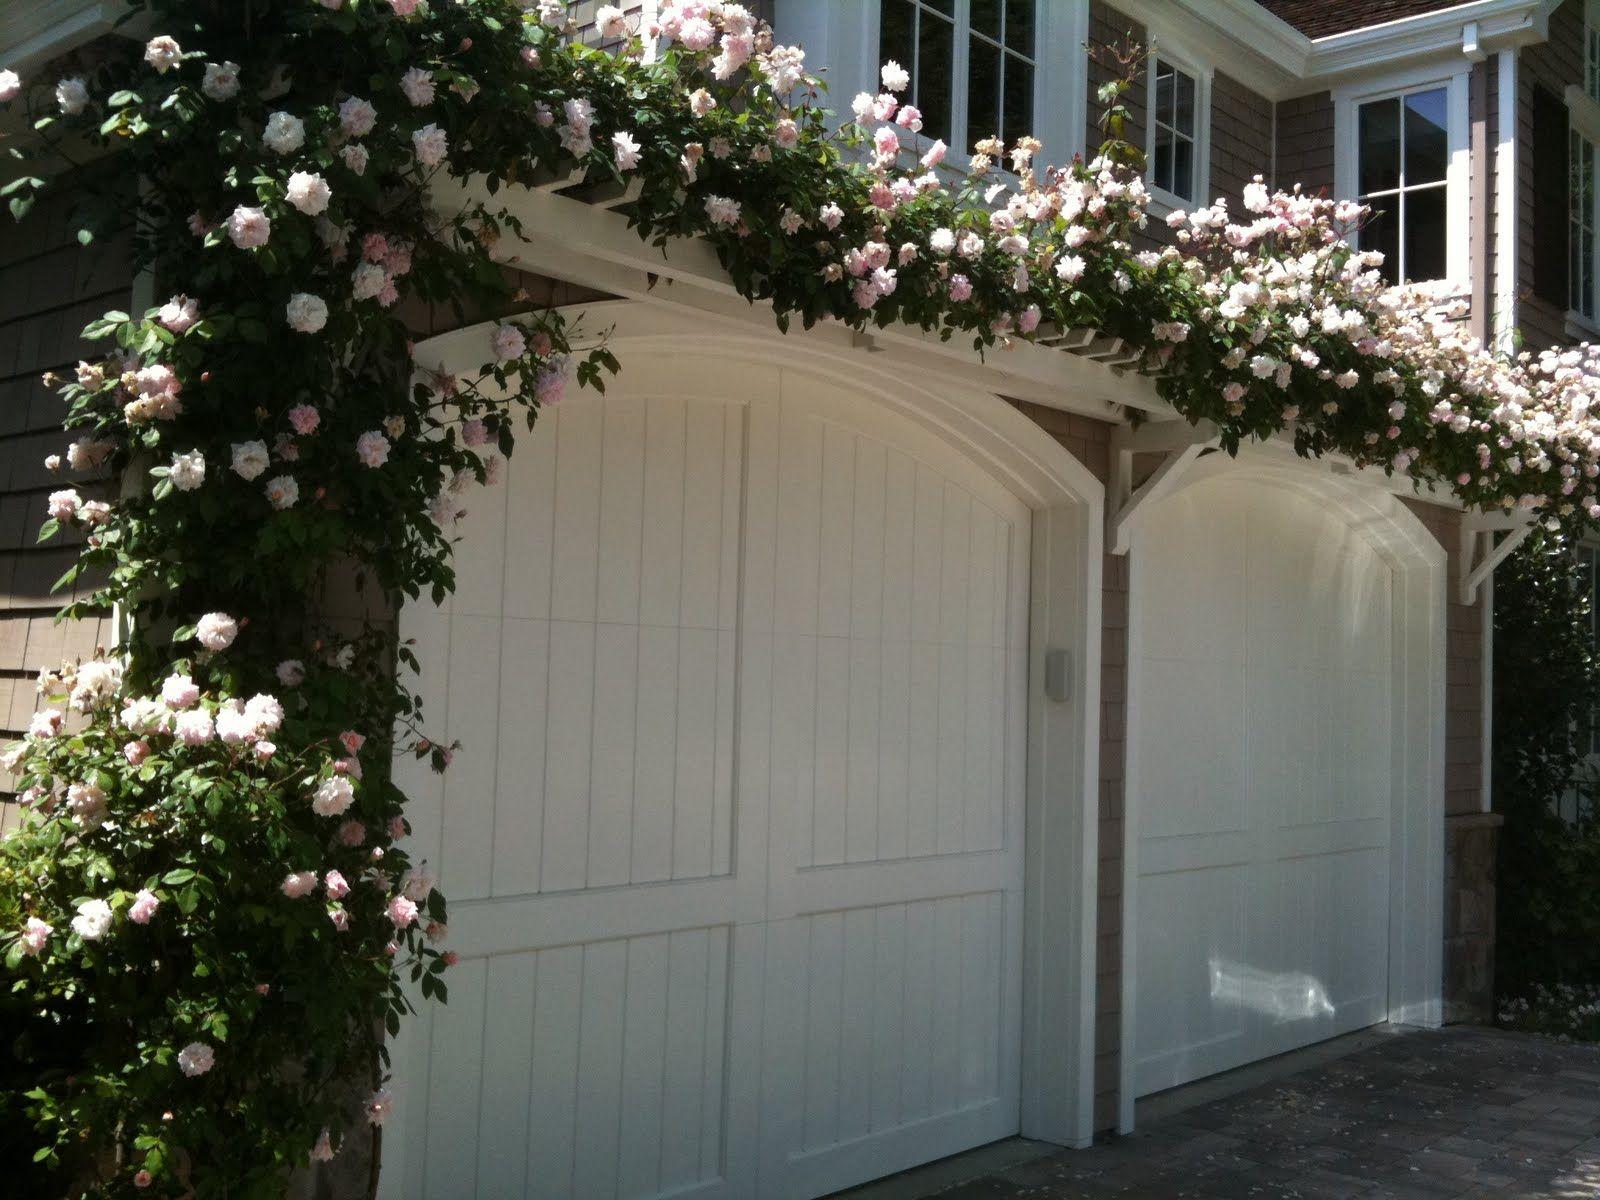 Trellis over garage door - Carport Design Ideas Garage Traditional With Pergola Door Double Car Two Door Arbororiginal